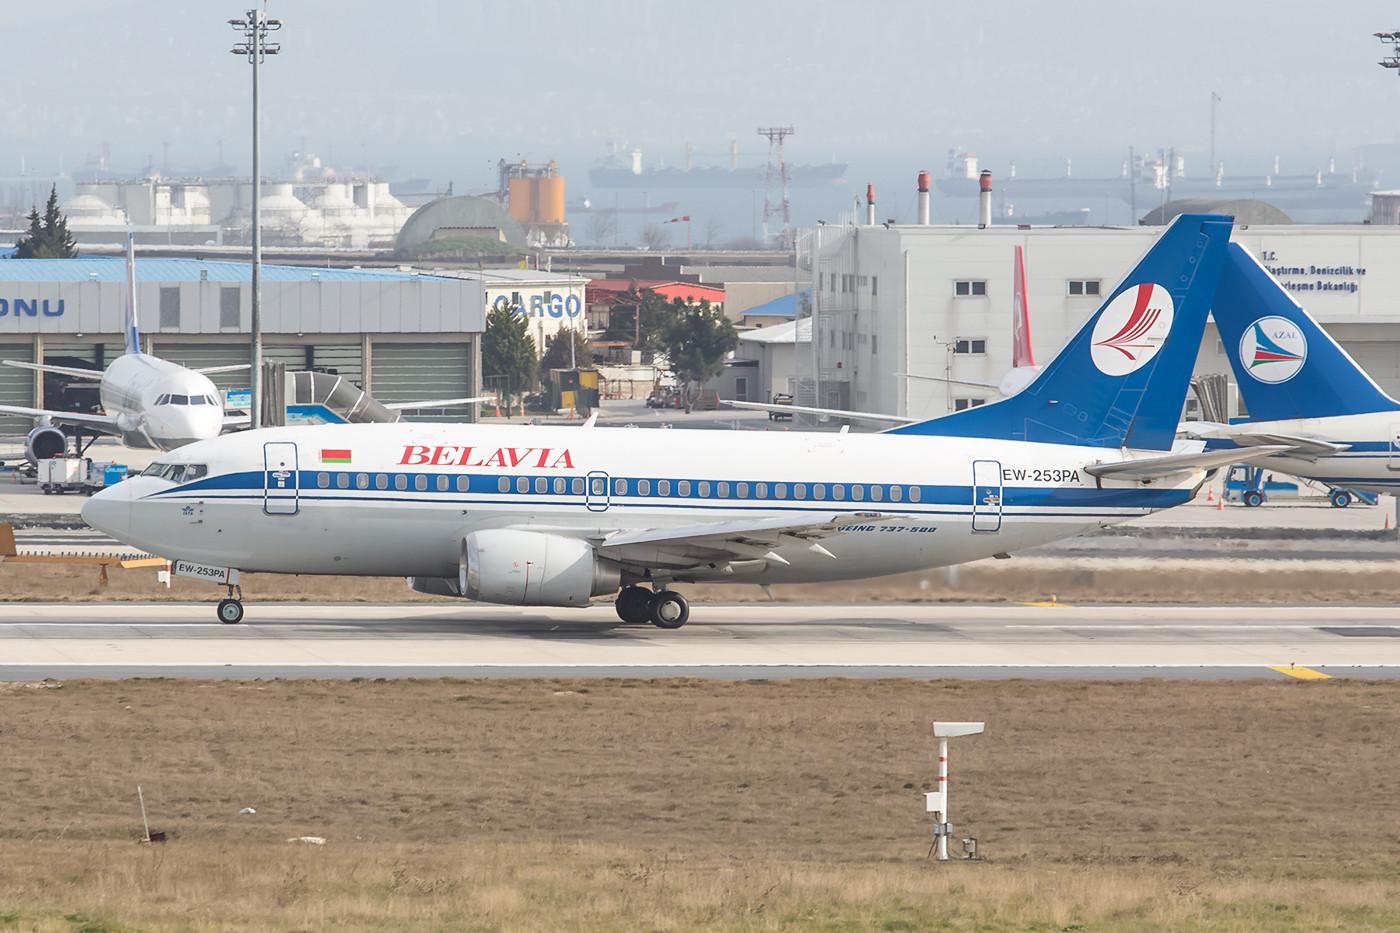 Boeing 737-500 aus Weißrußland.